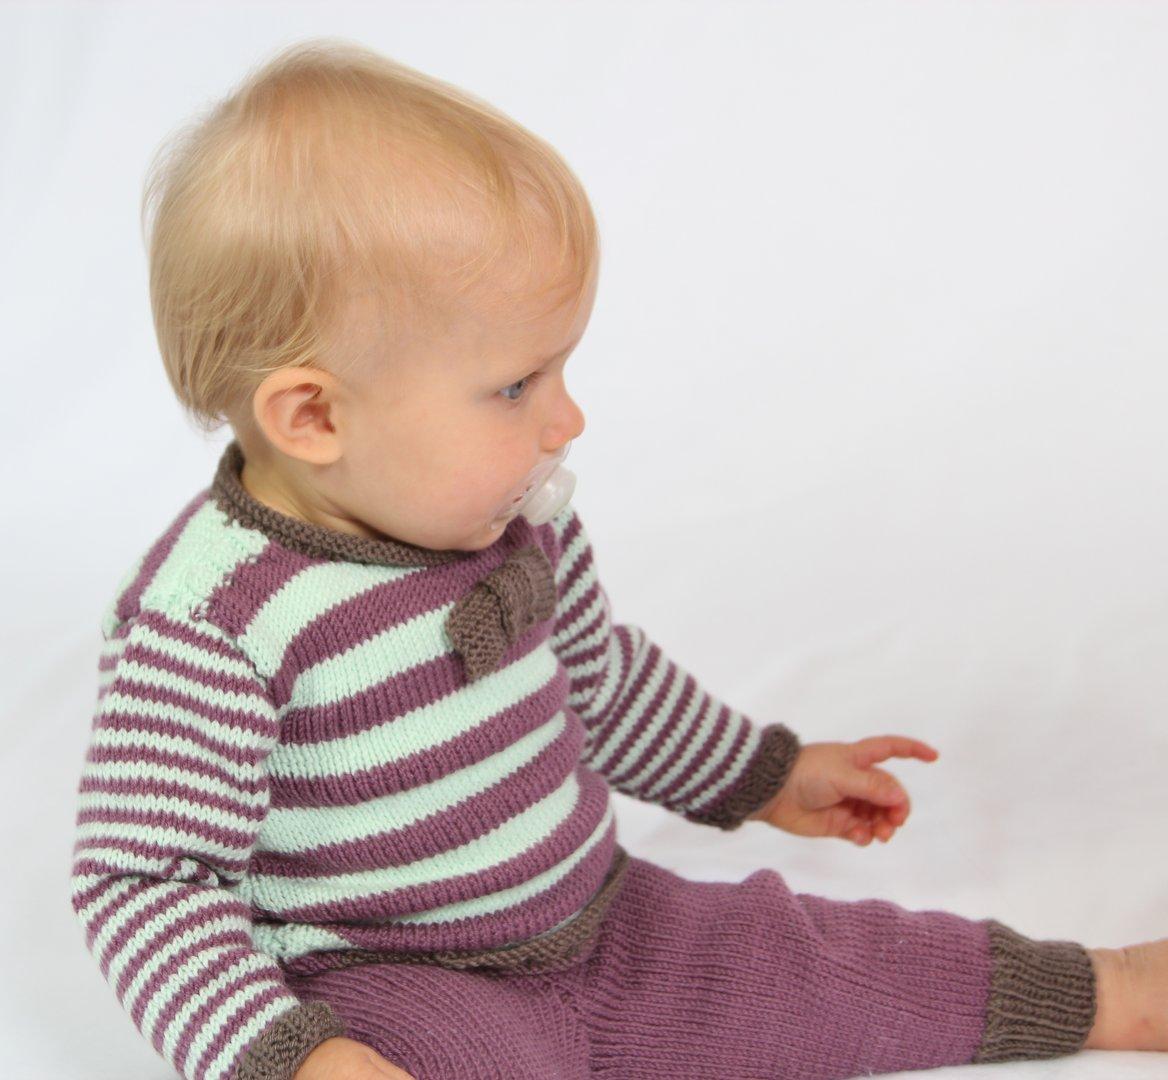 Strickanleitung Babypullover Hanna & Hannes, Gr. 62-92, für mutige Anfänger